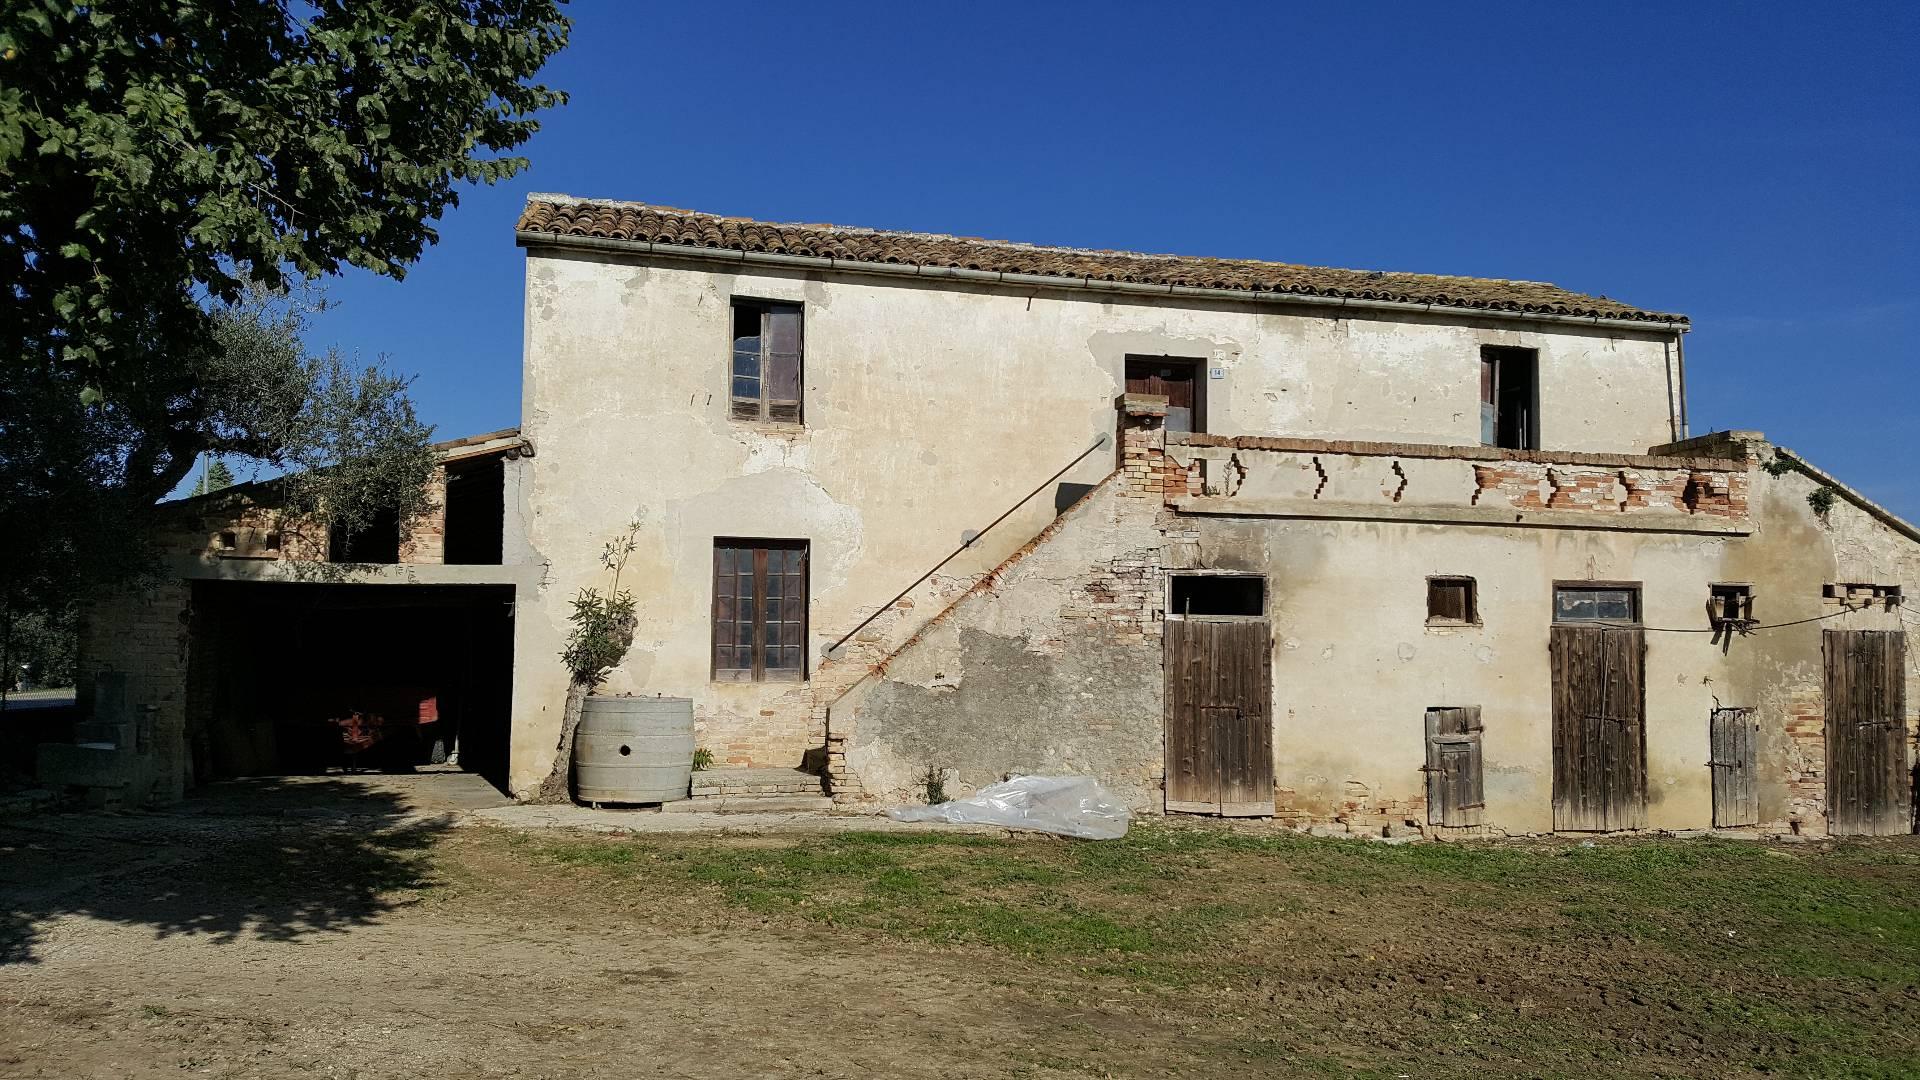 Rustico / Casale in vendita a Mosciano Sant'Angelo, 6 locali, prezzo € 150.000 | Cambio Casa.it